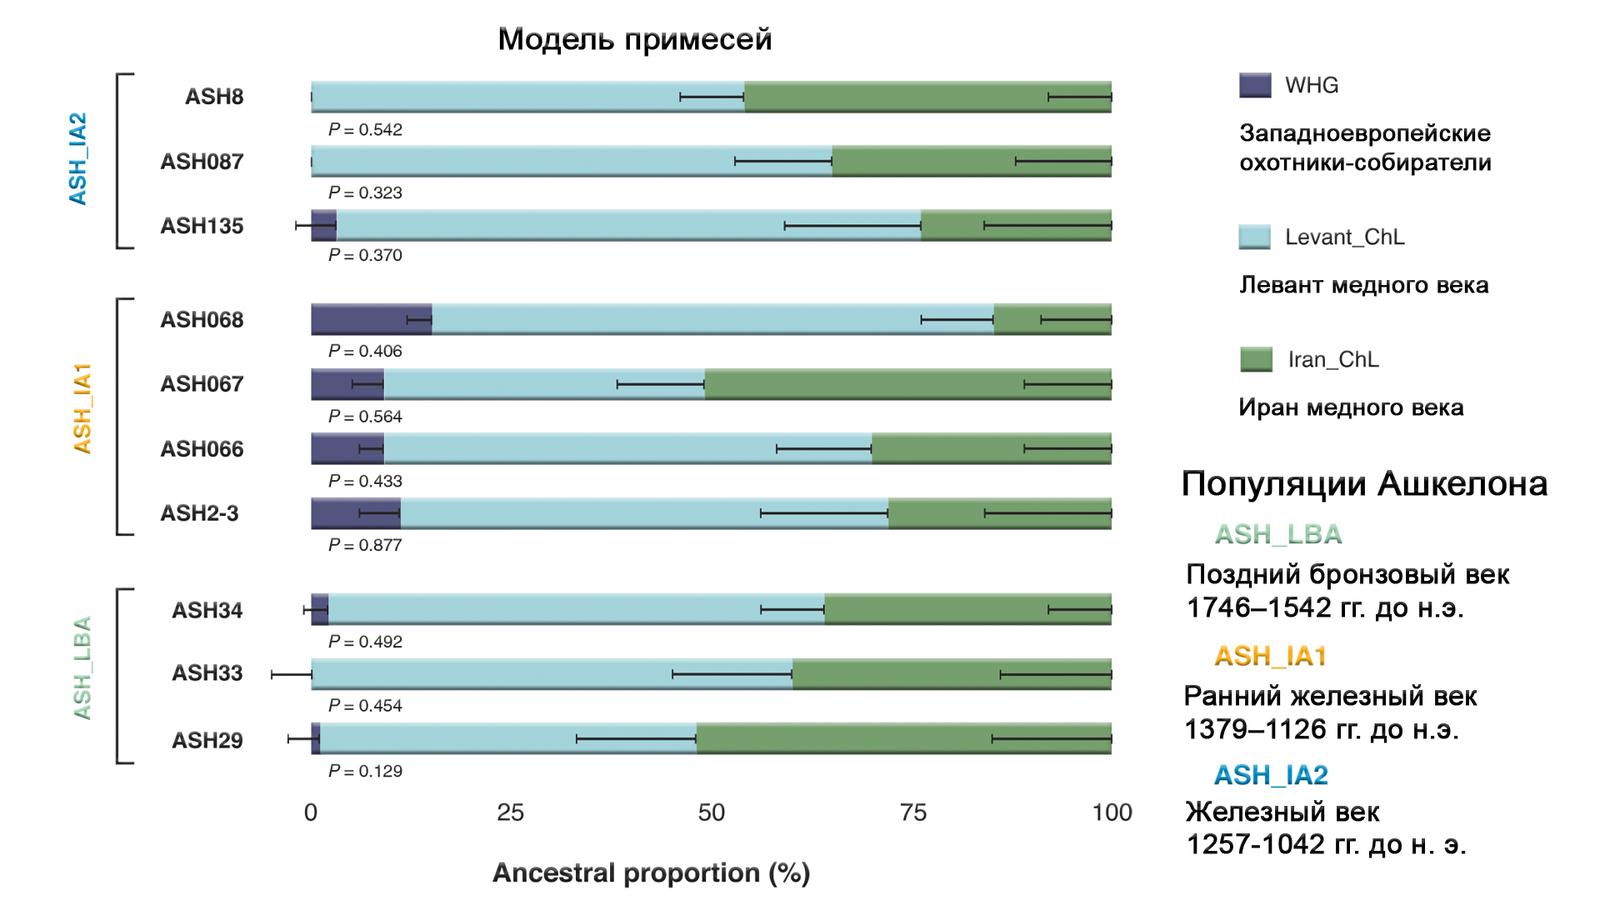 Обои by Aleksandr Kuskov, Valkyrie A, валькирия, Aleksandr Kuskov, valkyrie, рисунок. Разное foto 5